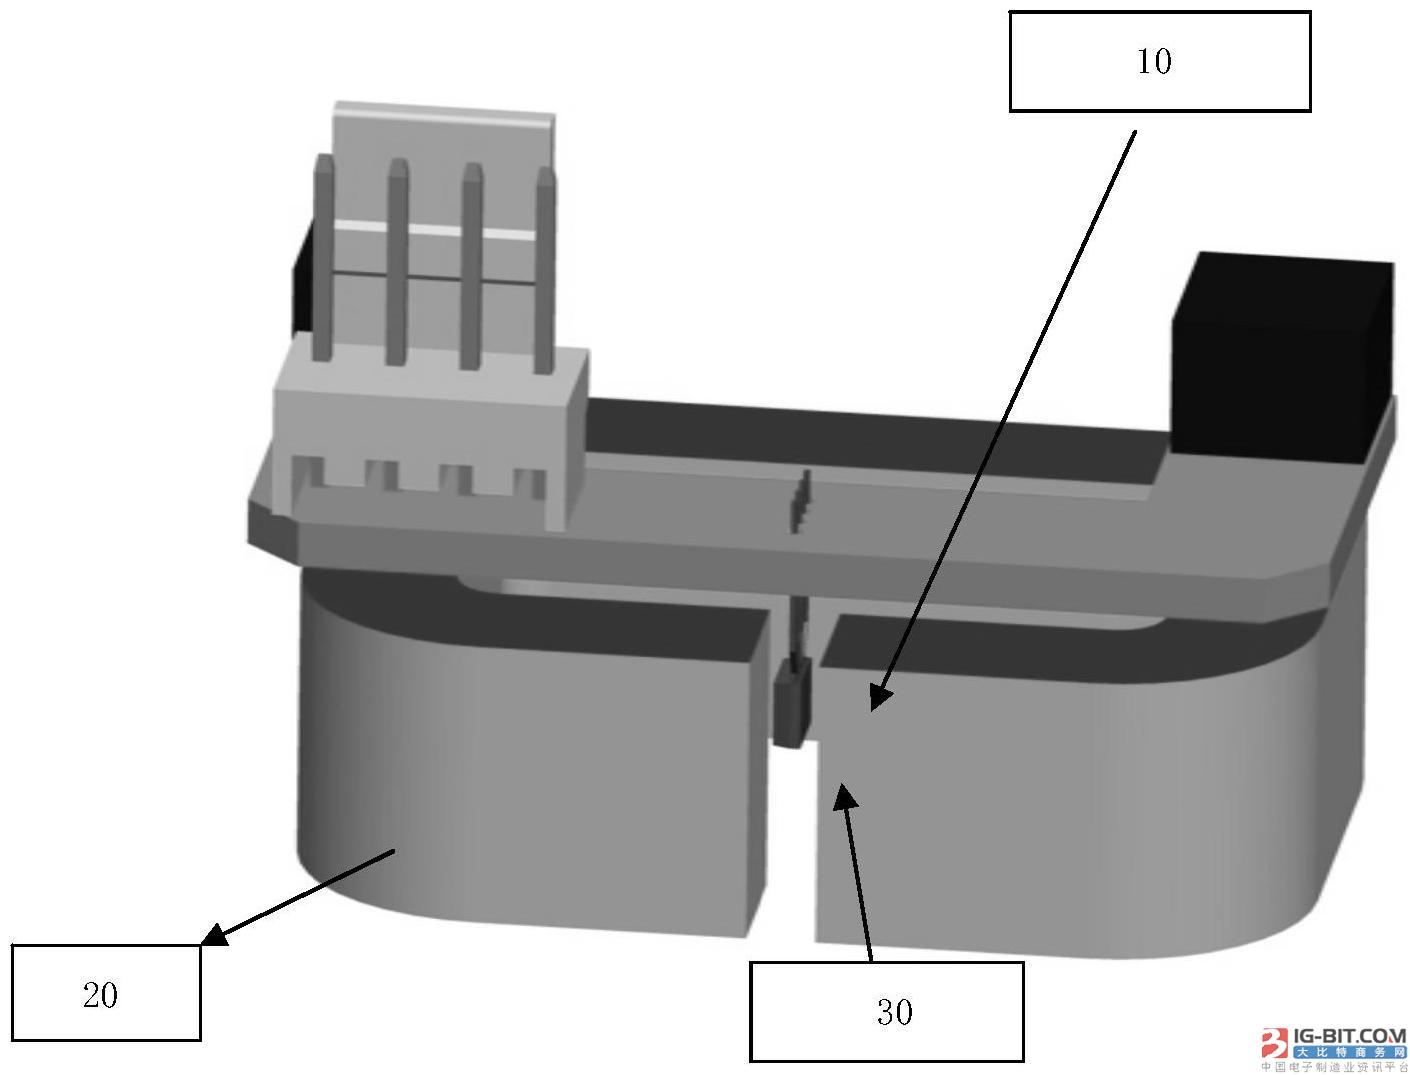 【仪表专利】电流传感器的检测装置和方法